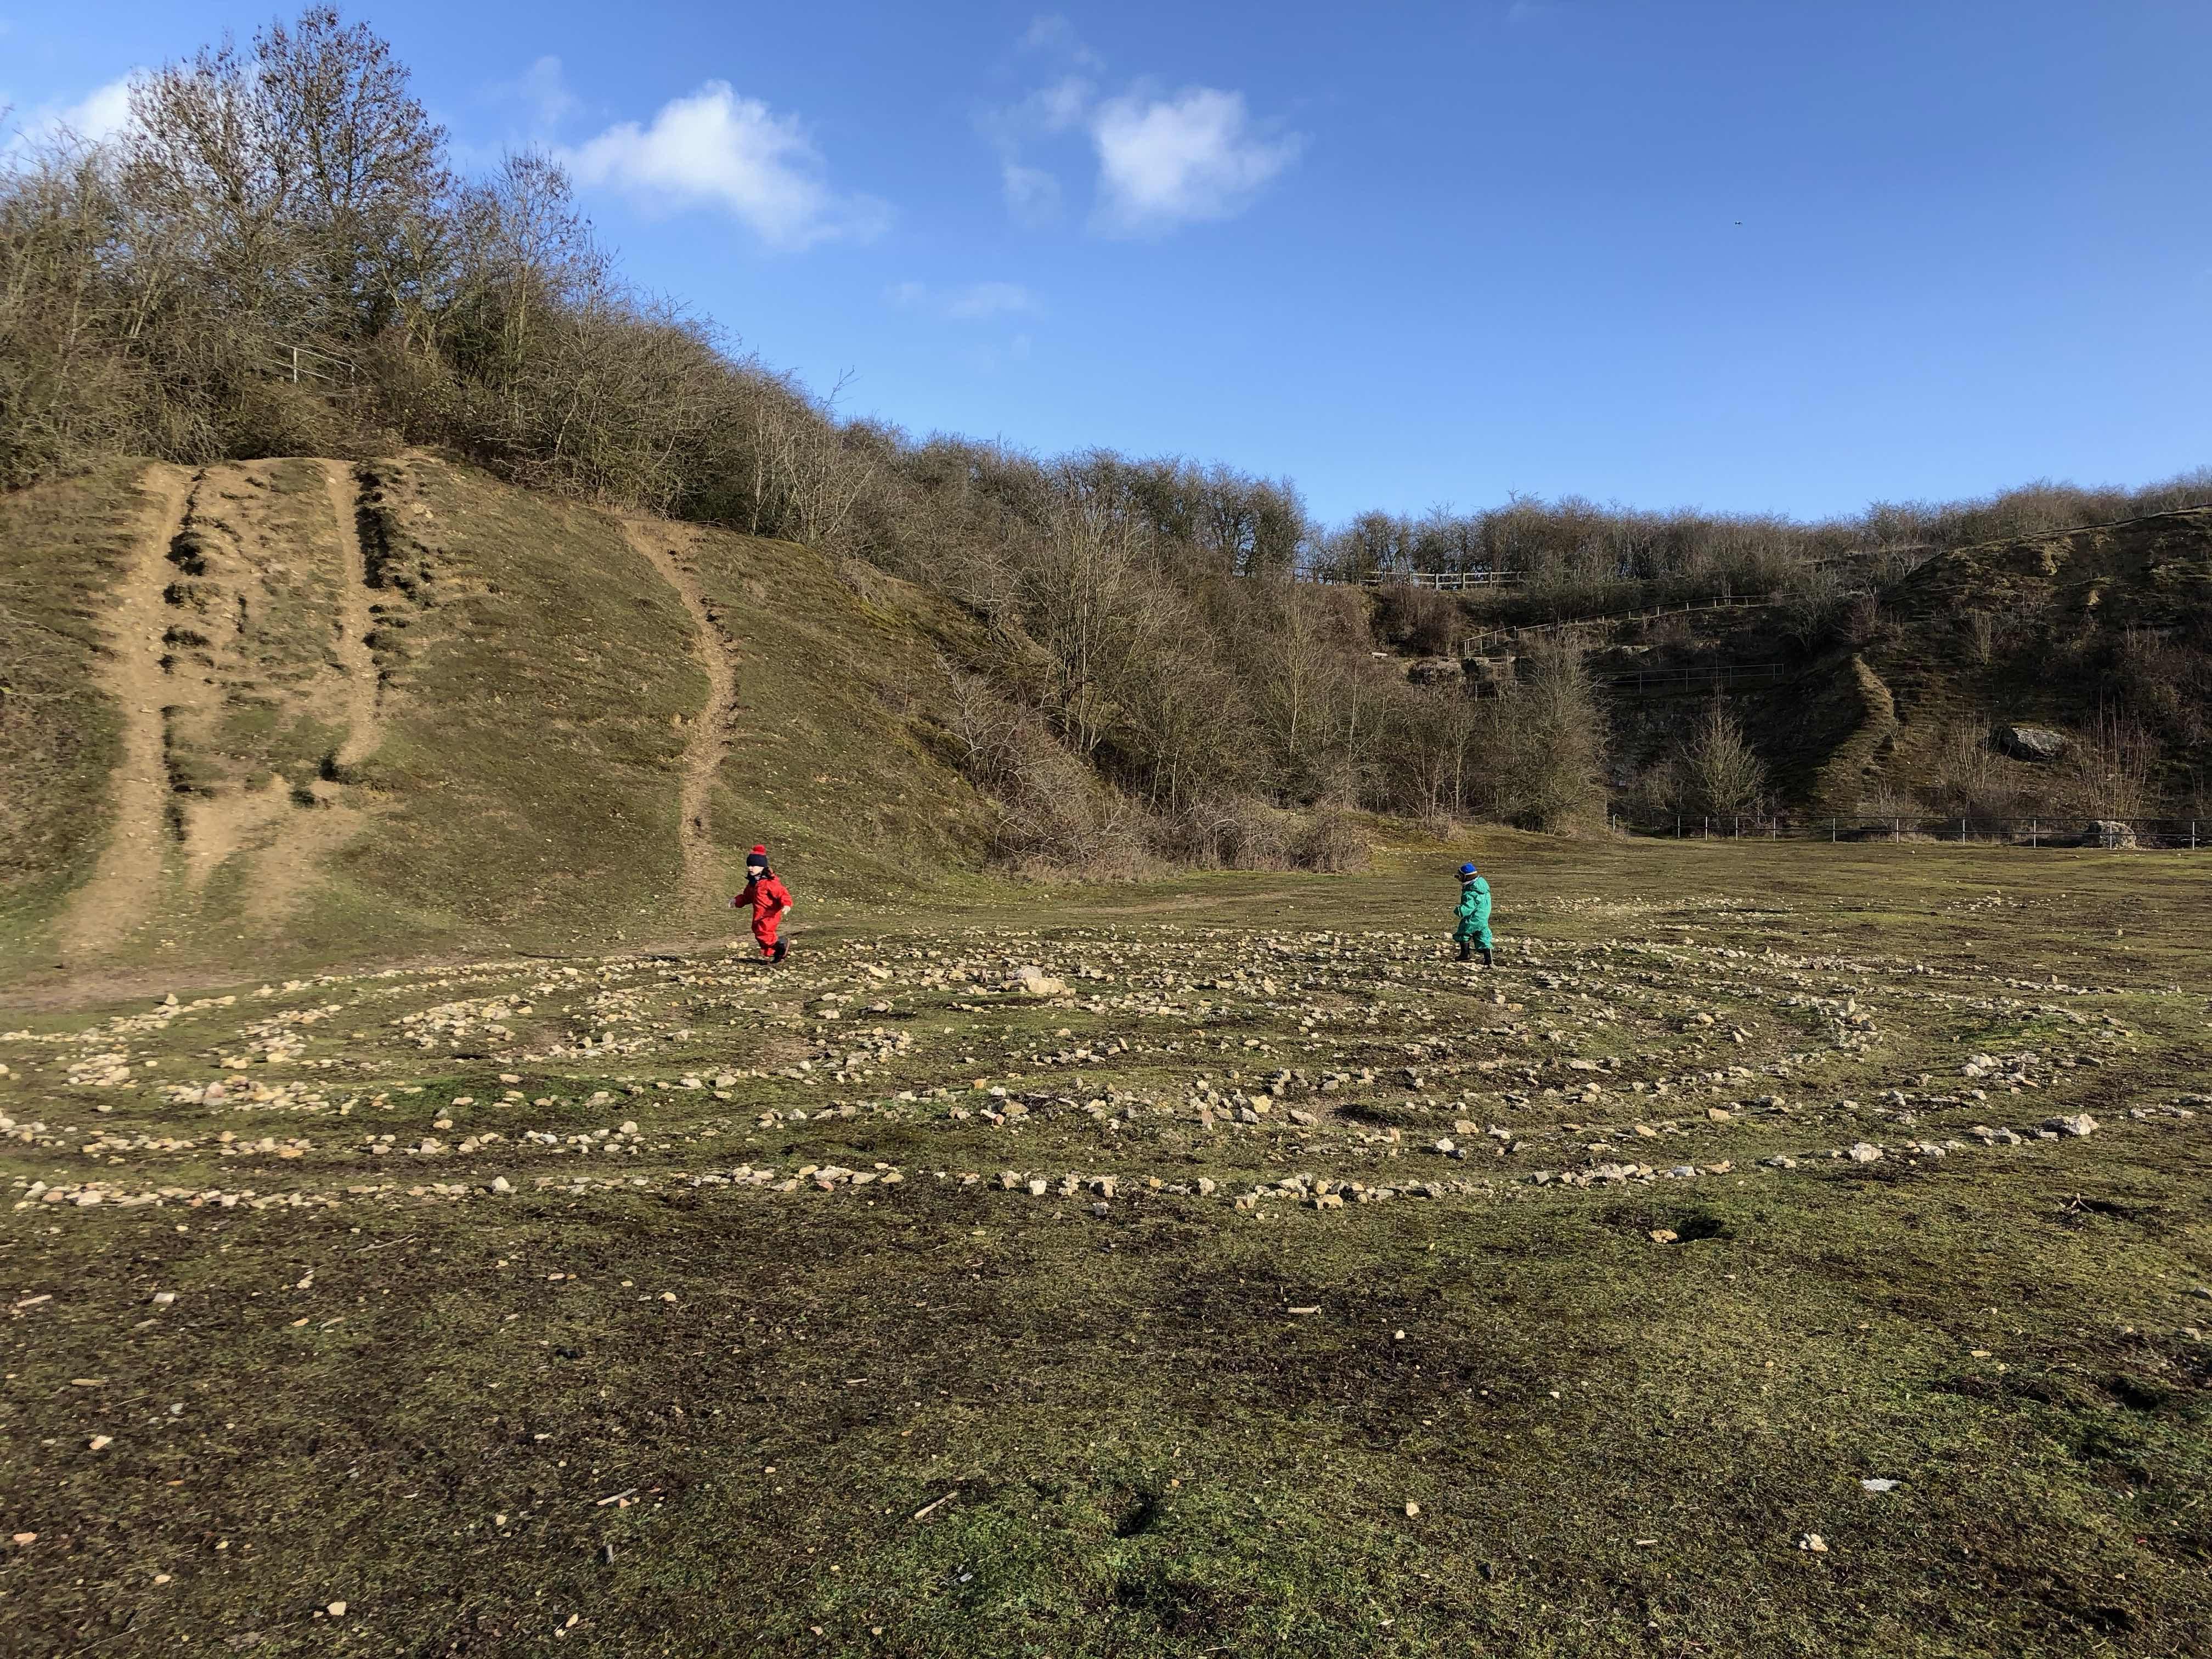 Kirtlington Quarry